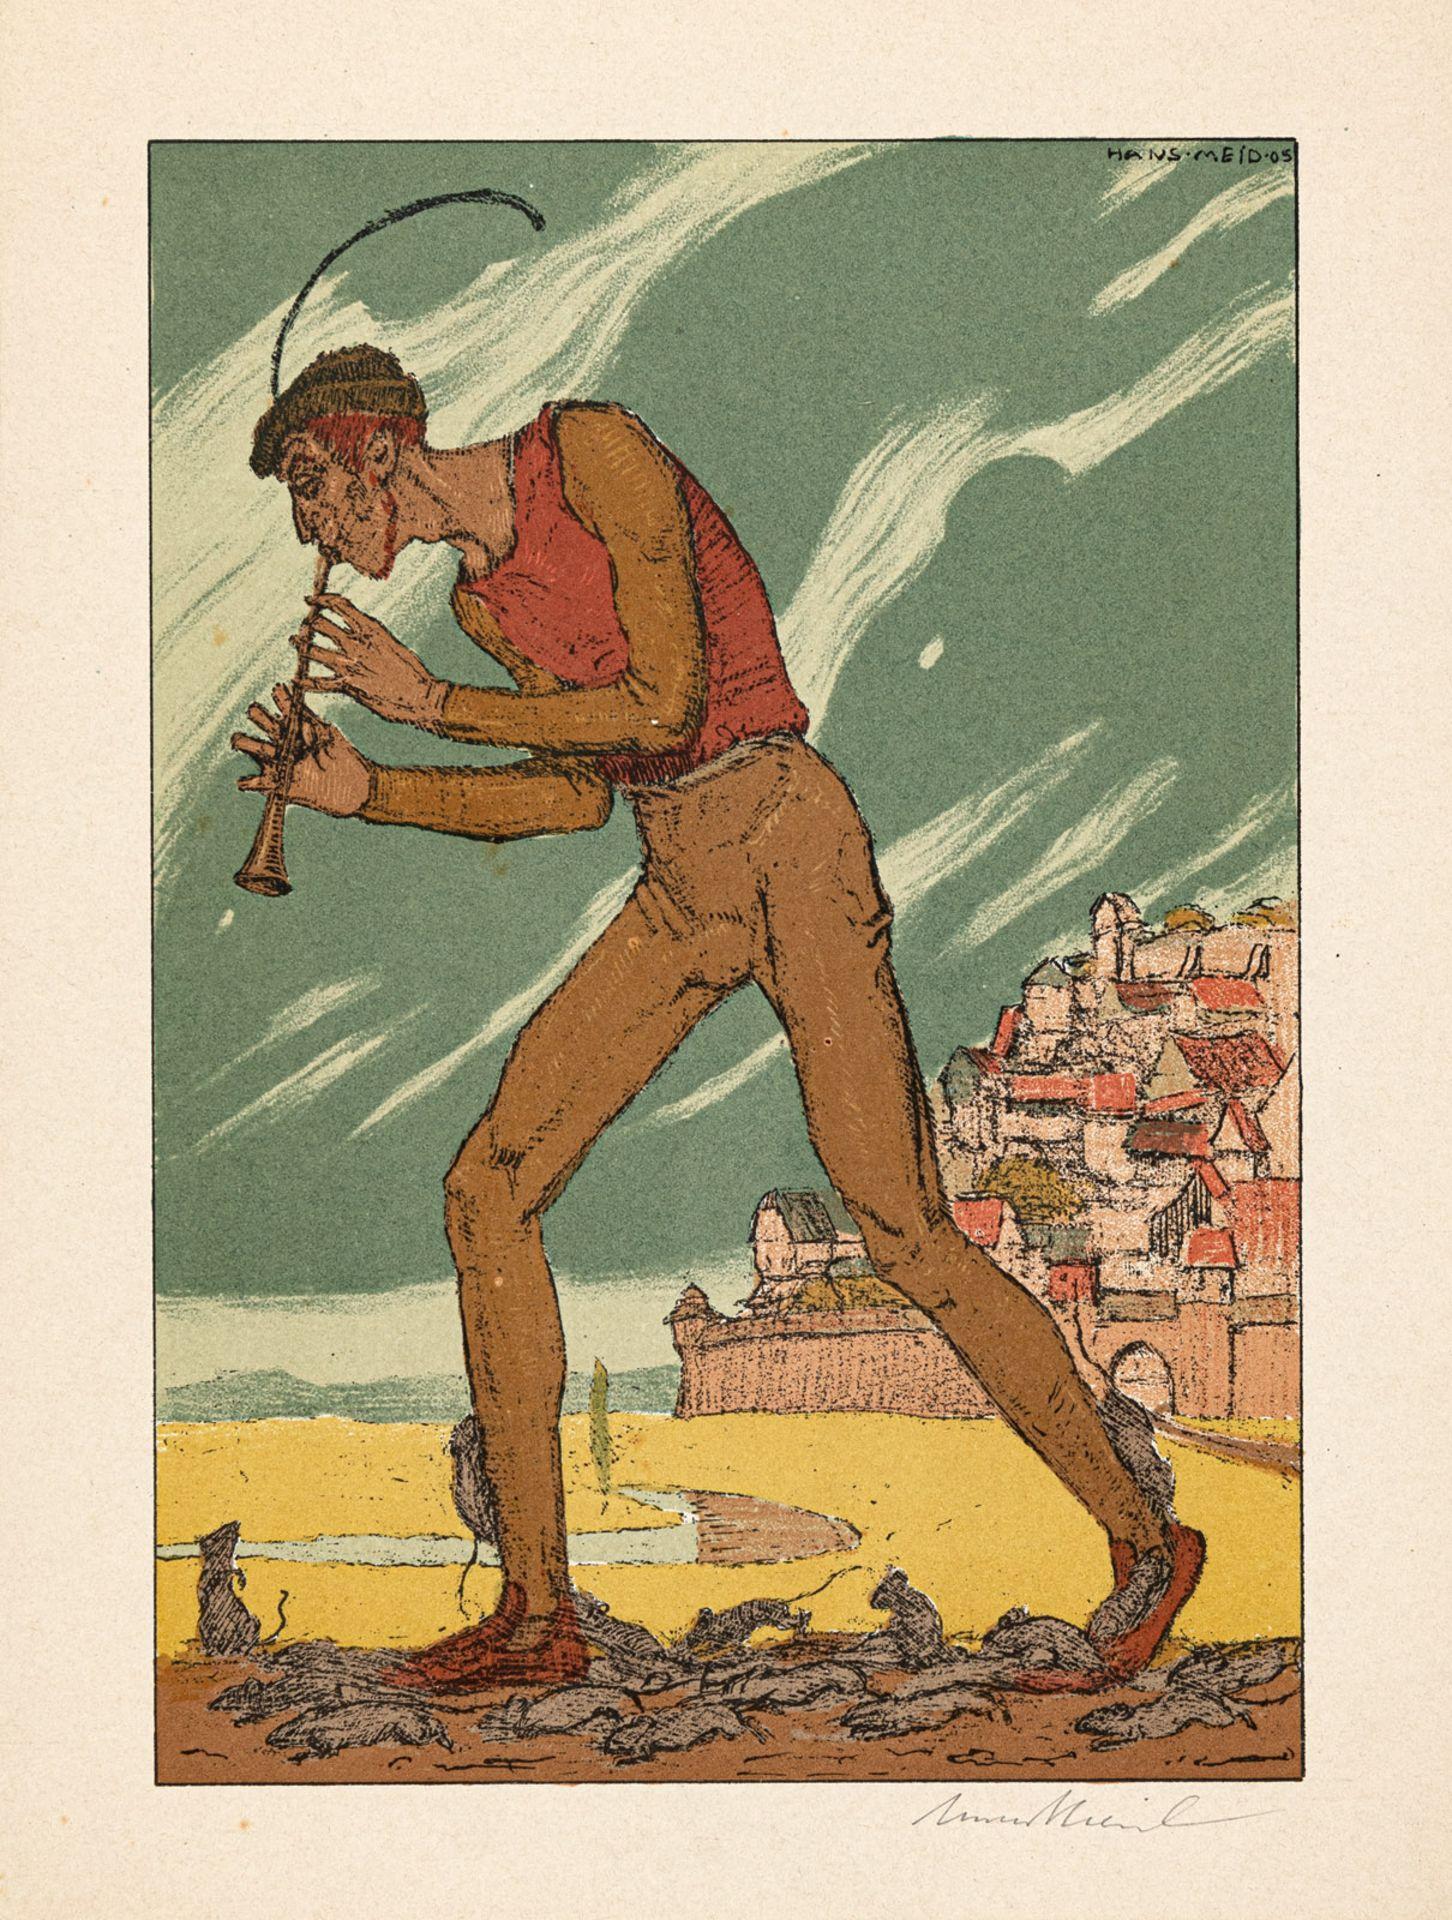 Meid, Hans - Image 2 of 12